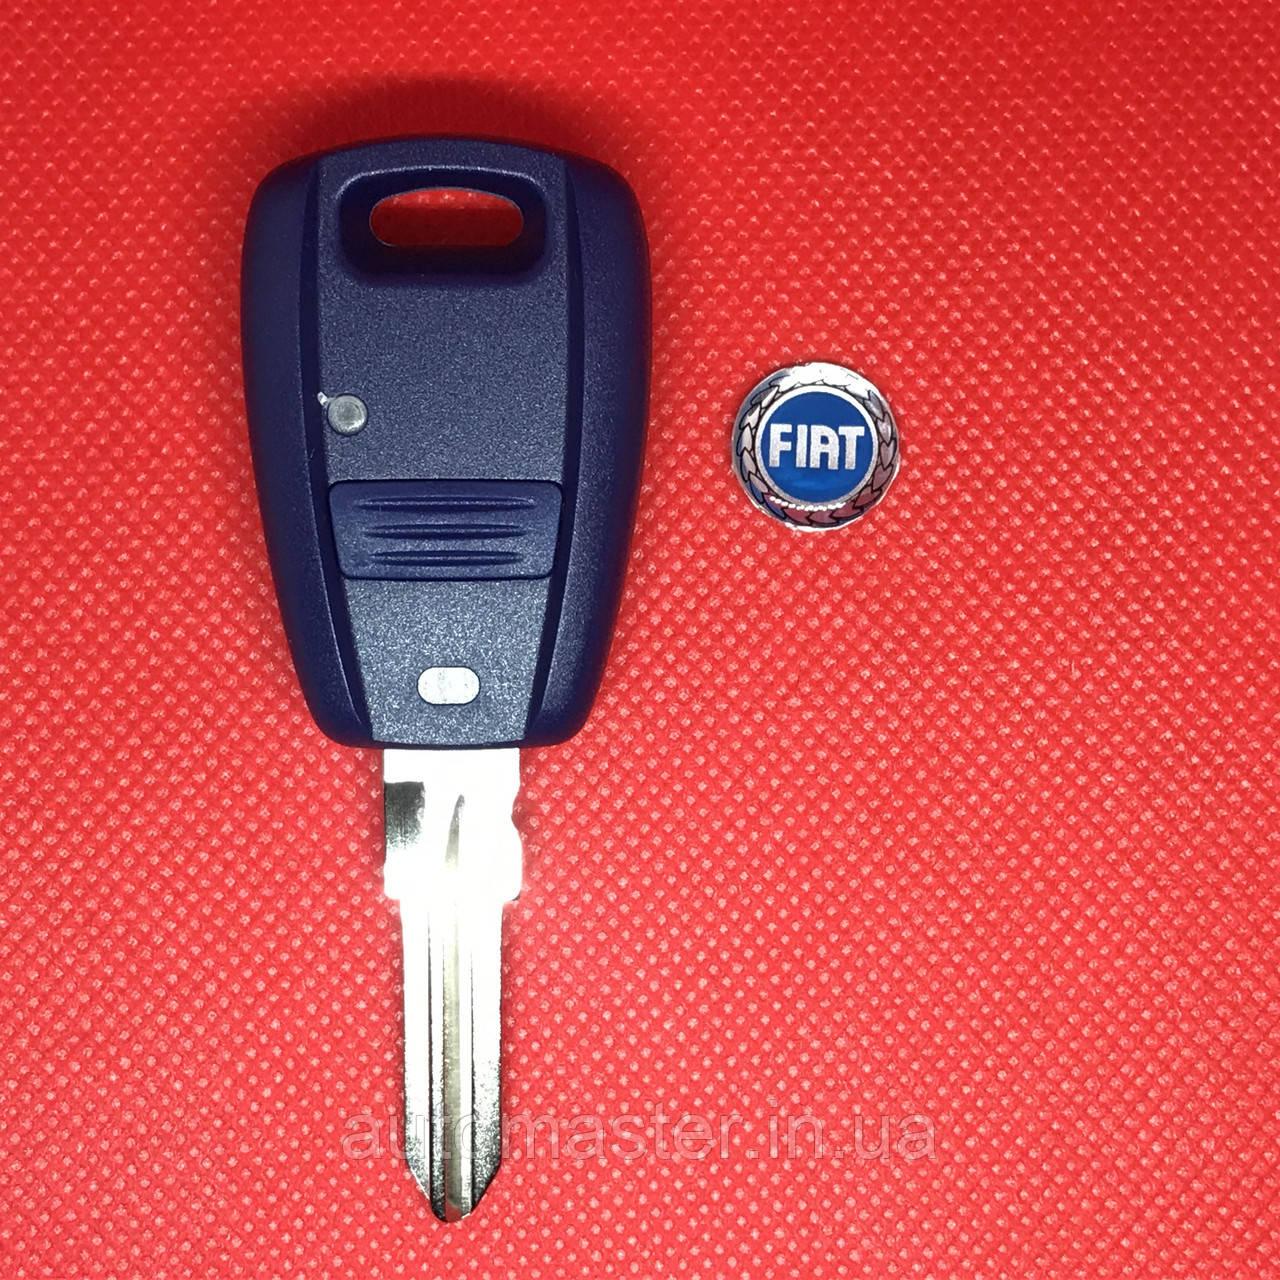 Корпус авто ключа для FIAT DOBLO (Фиат добло) 1 - кнопка c лезвием GT15